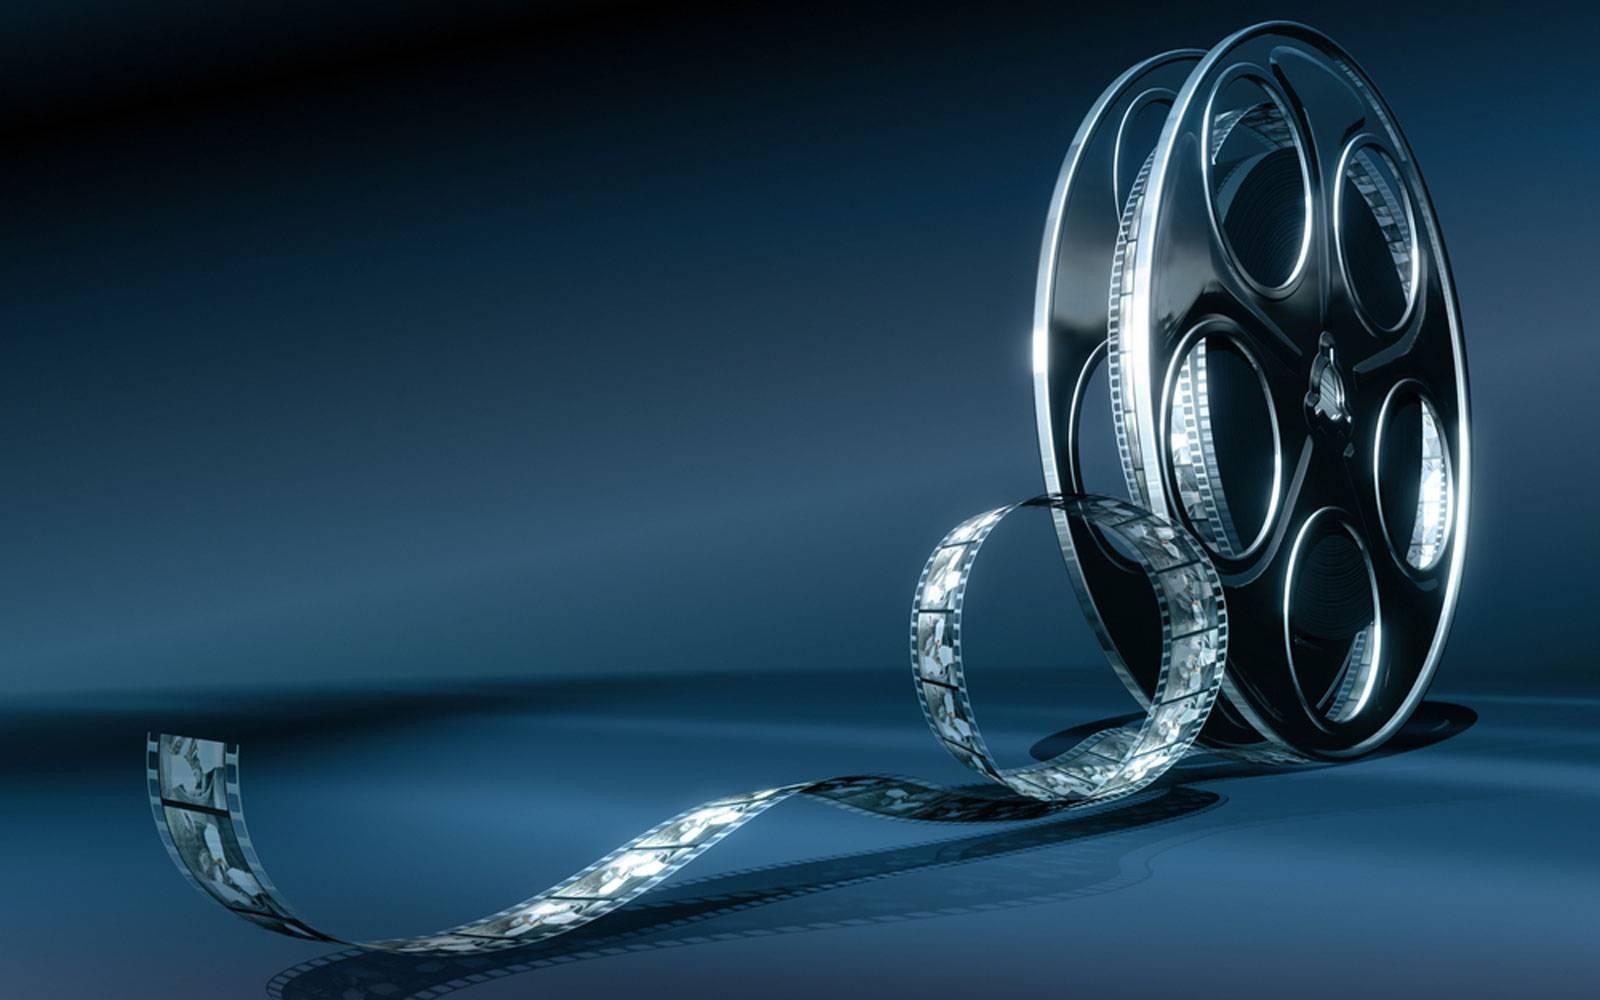 بهترین فیلمهای سینمای آلمان که باید دید!